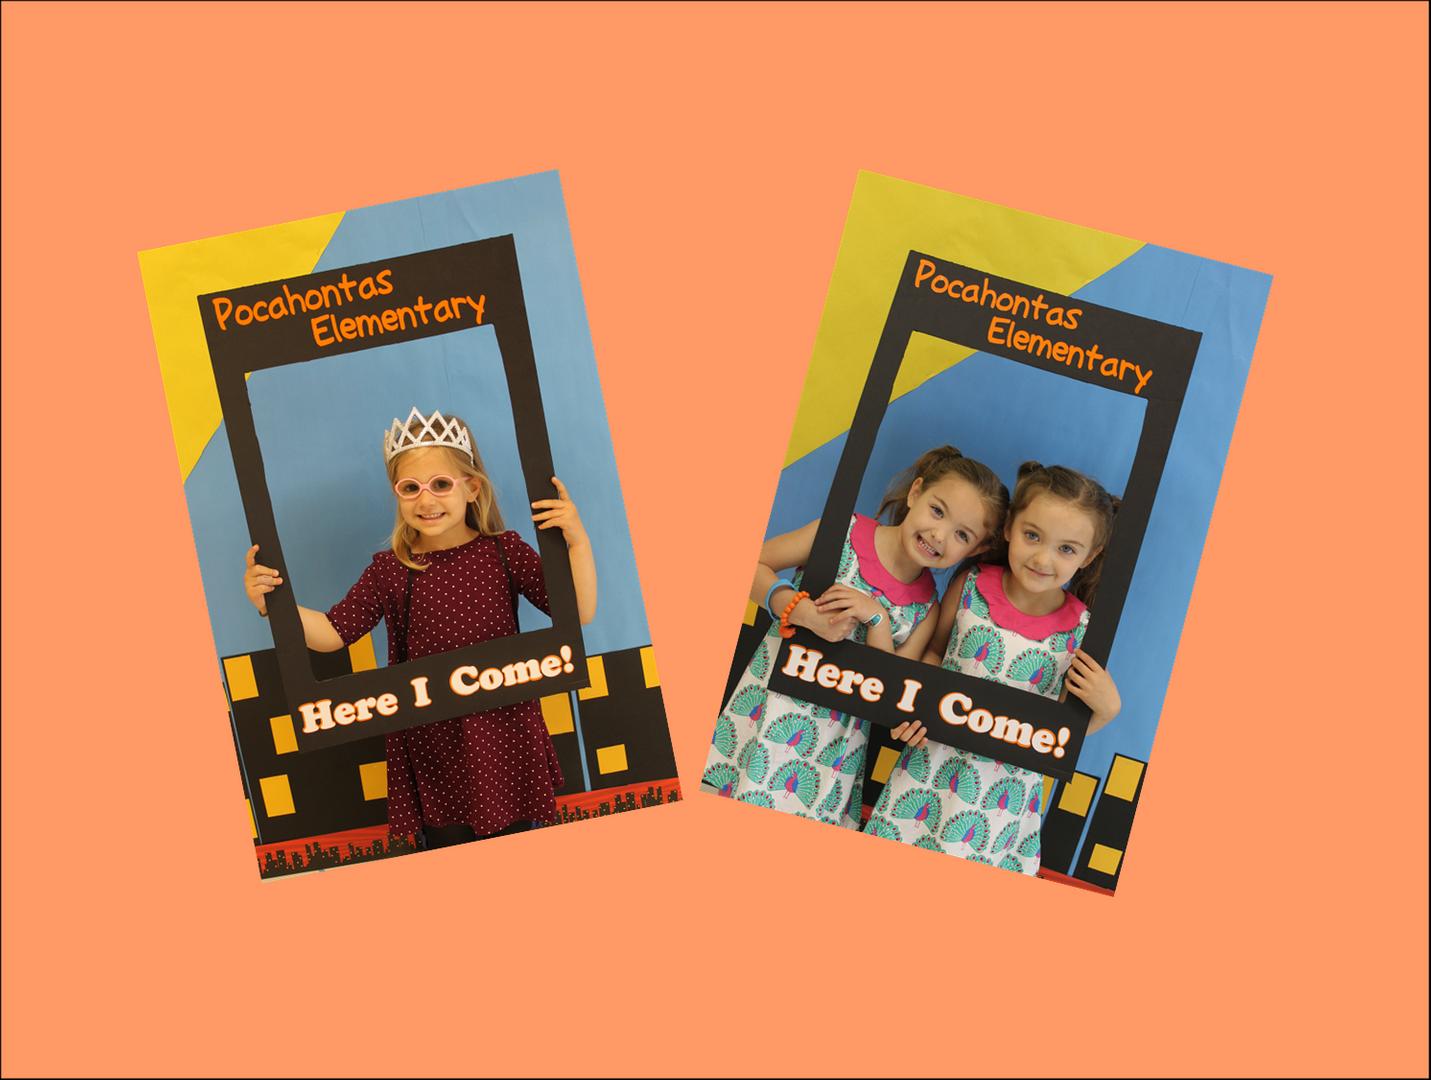 Pocahontas Elementary School Kindergarten Registration